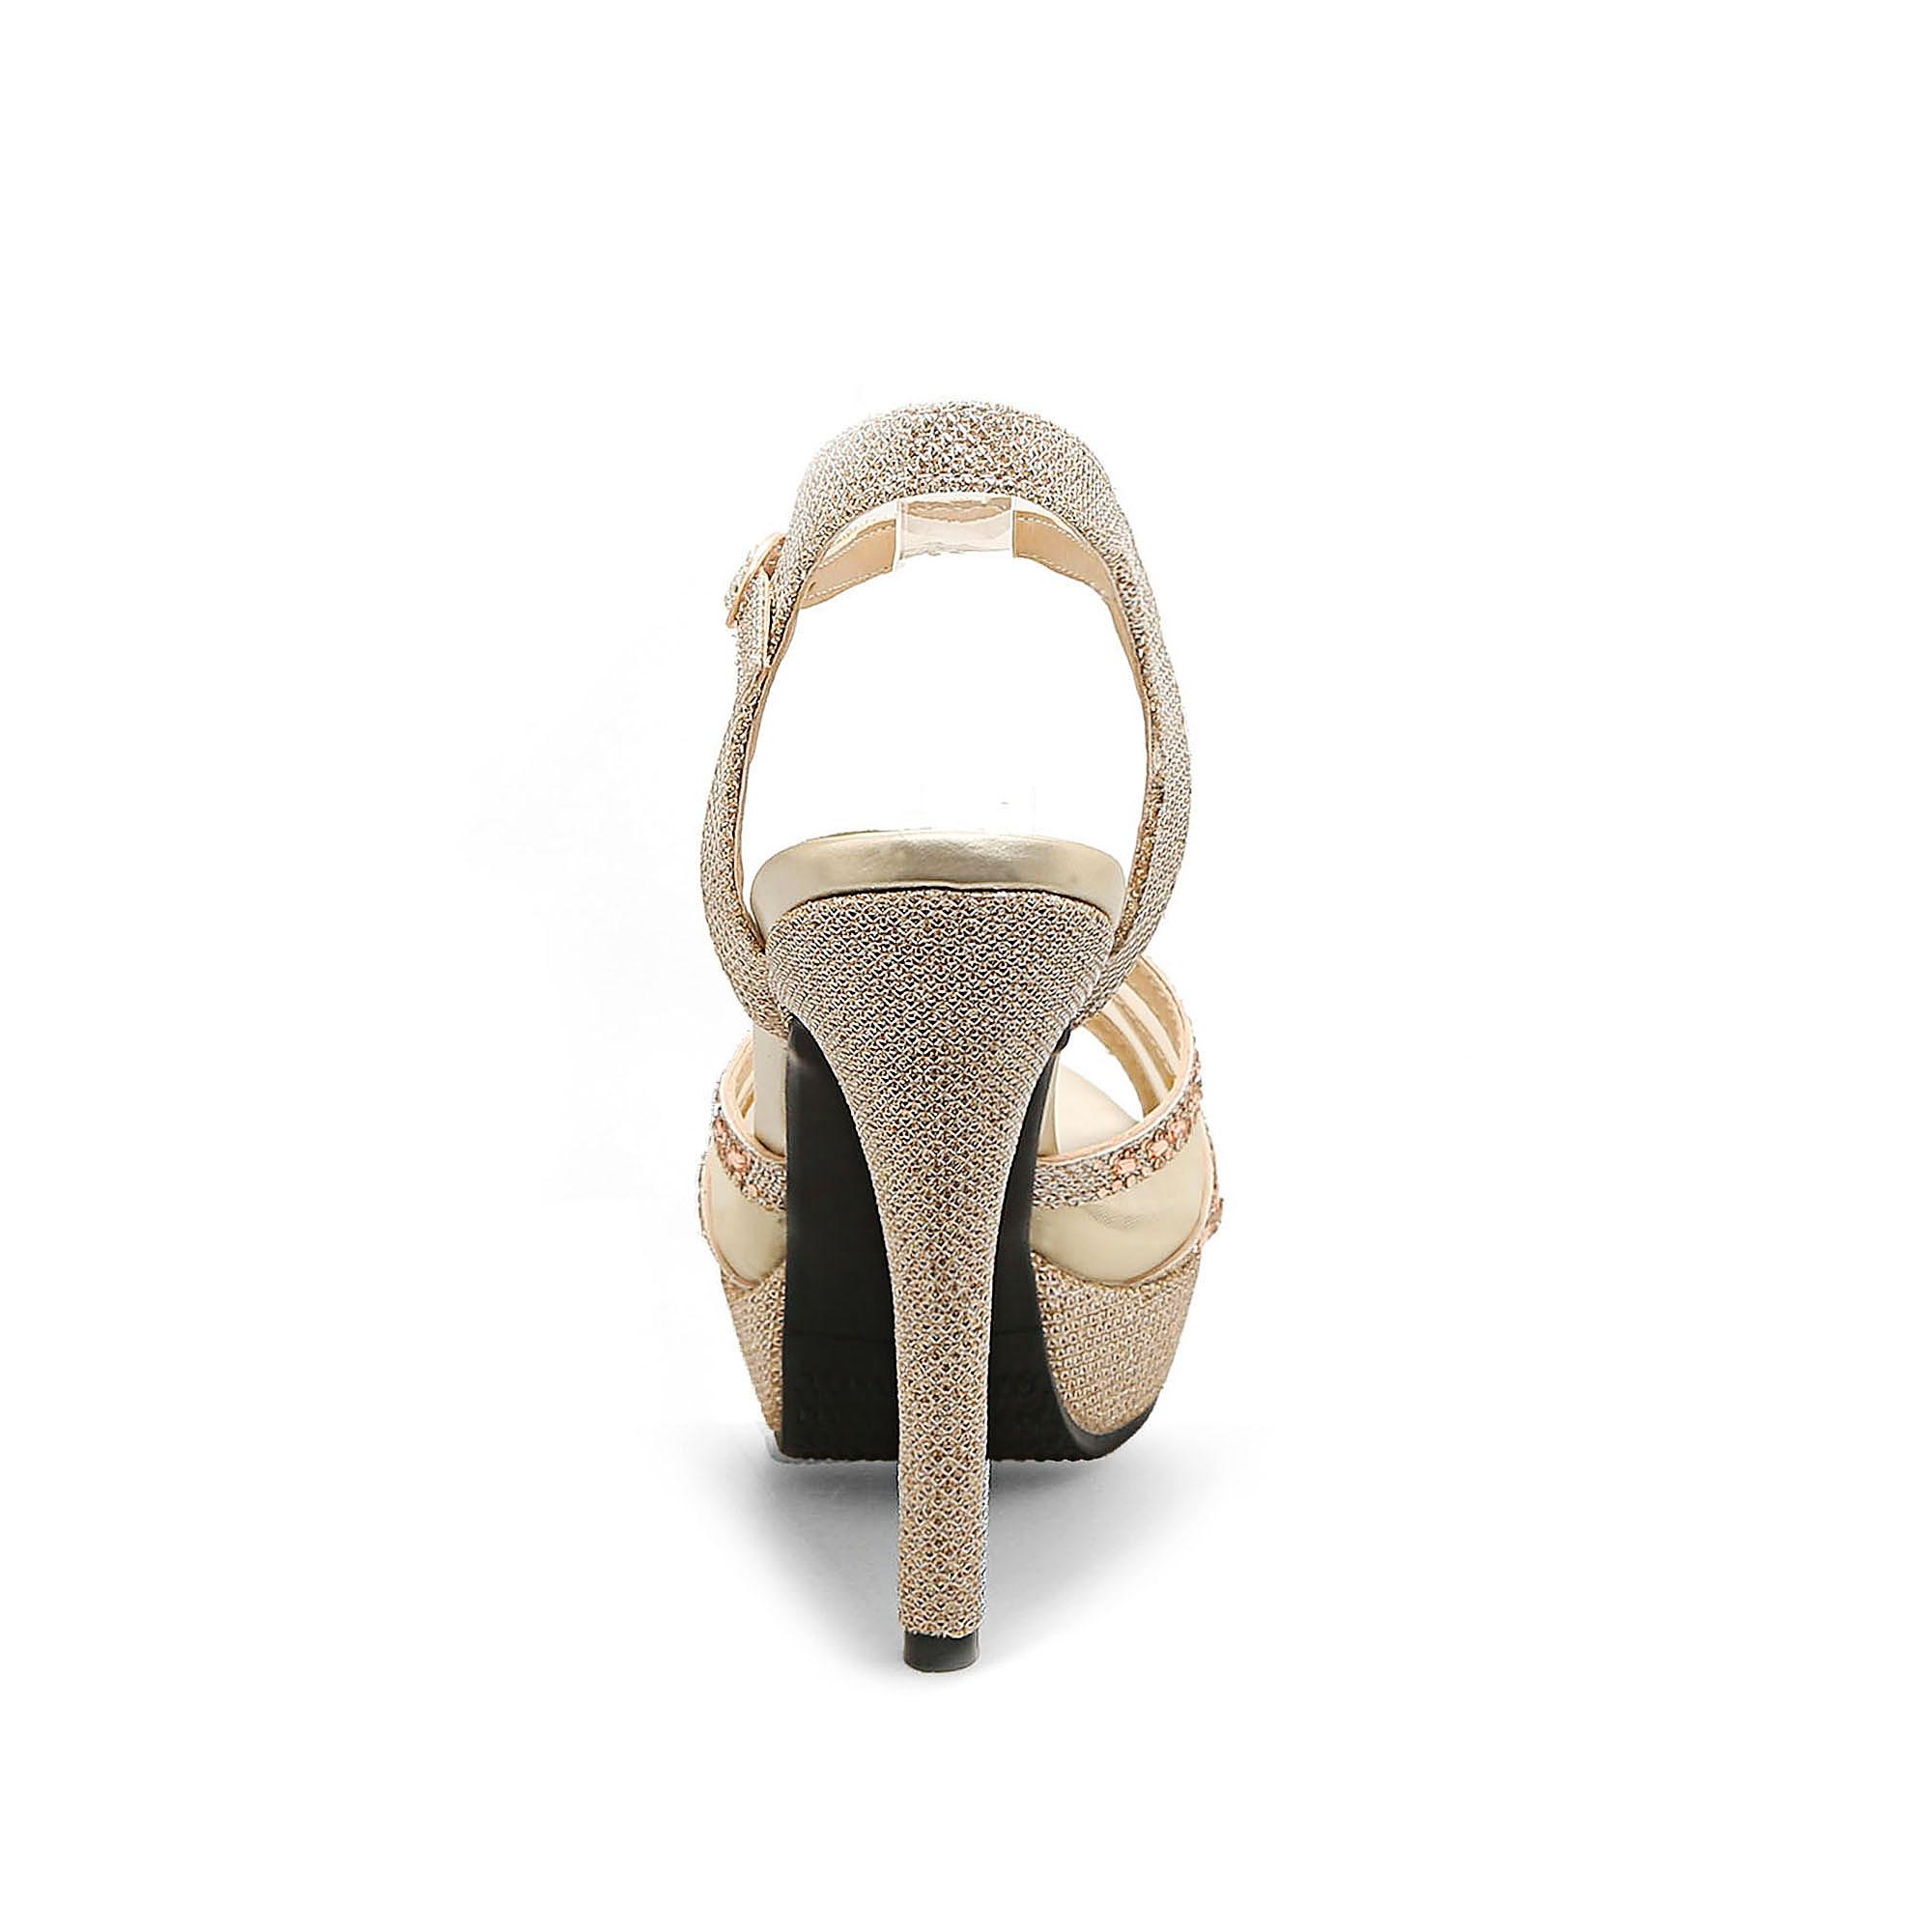 La Or Femmes Gladiateur À Toe Femme Peep Sandales 34 43 Plus Mince Nouveau argent Talons Chaussures Hauts Shiony Taille D'été X6Ux4wwqd